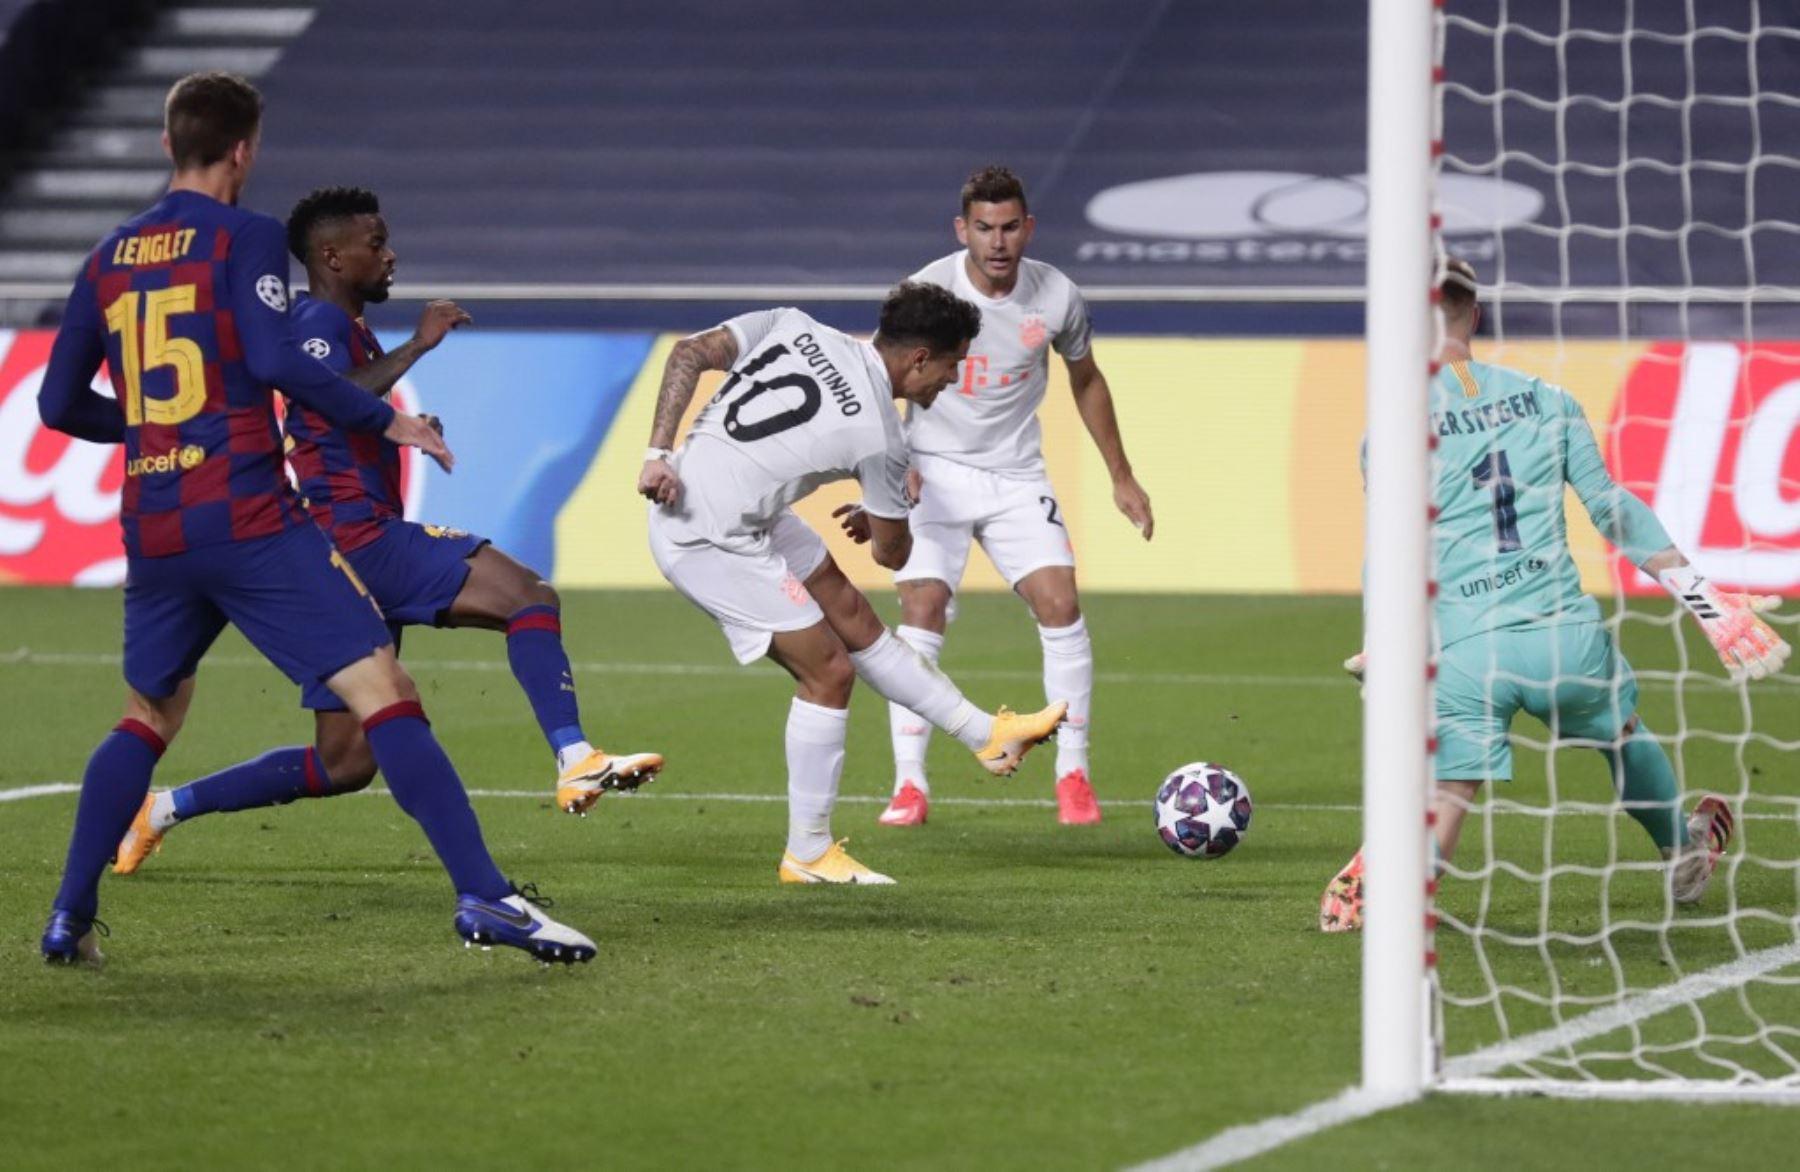 El centrocampista brasileño del Bayern Munich Philippe Coutinho anota el octavo gol de su equipo durante el partido de fútbol de cuartos de final de la Liga de Campeones de la UEFA entre Barcelona y Bayern Munich en el estadio Luz de Lisboa.Foto:AFP